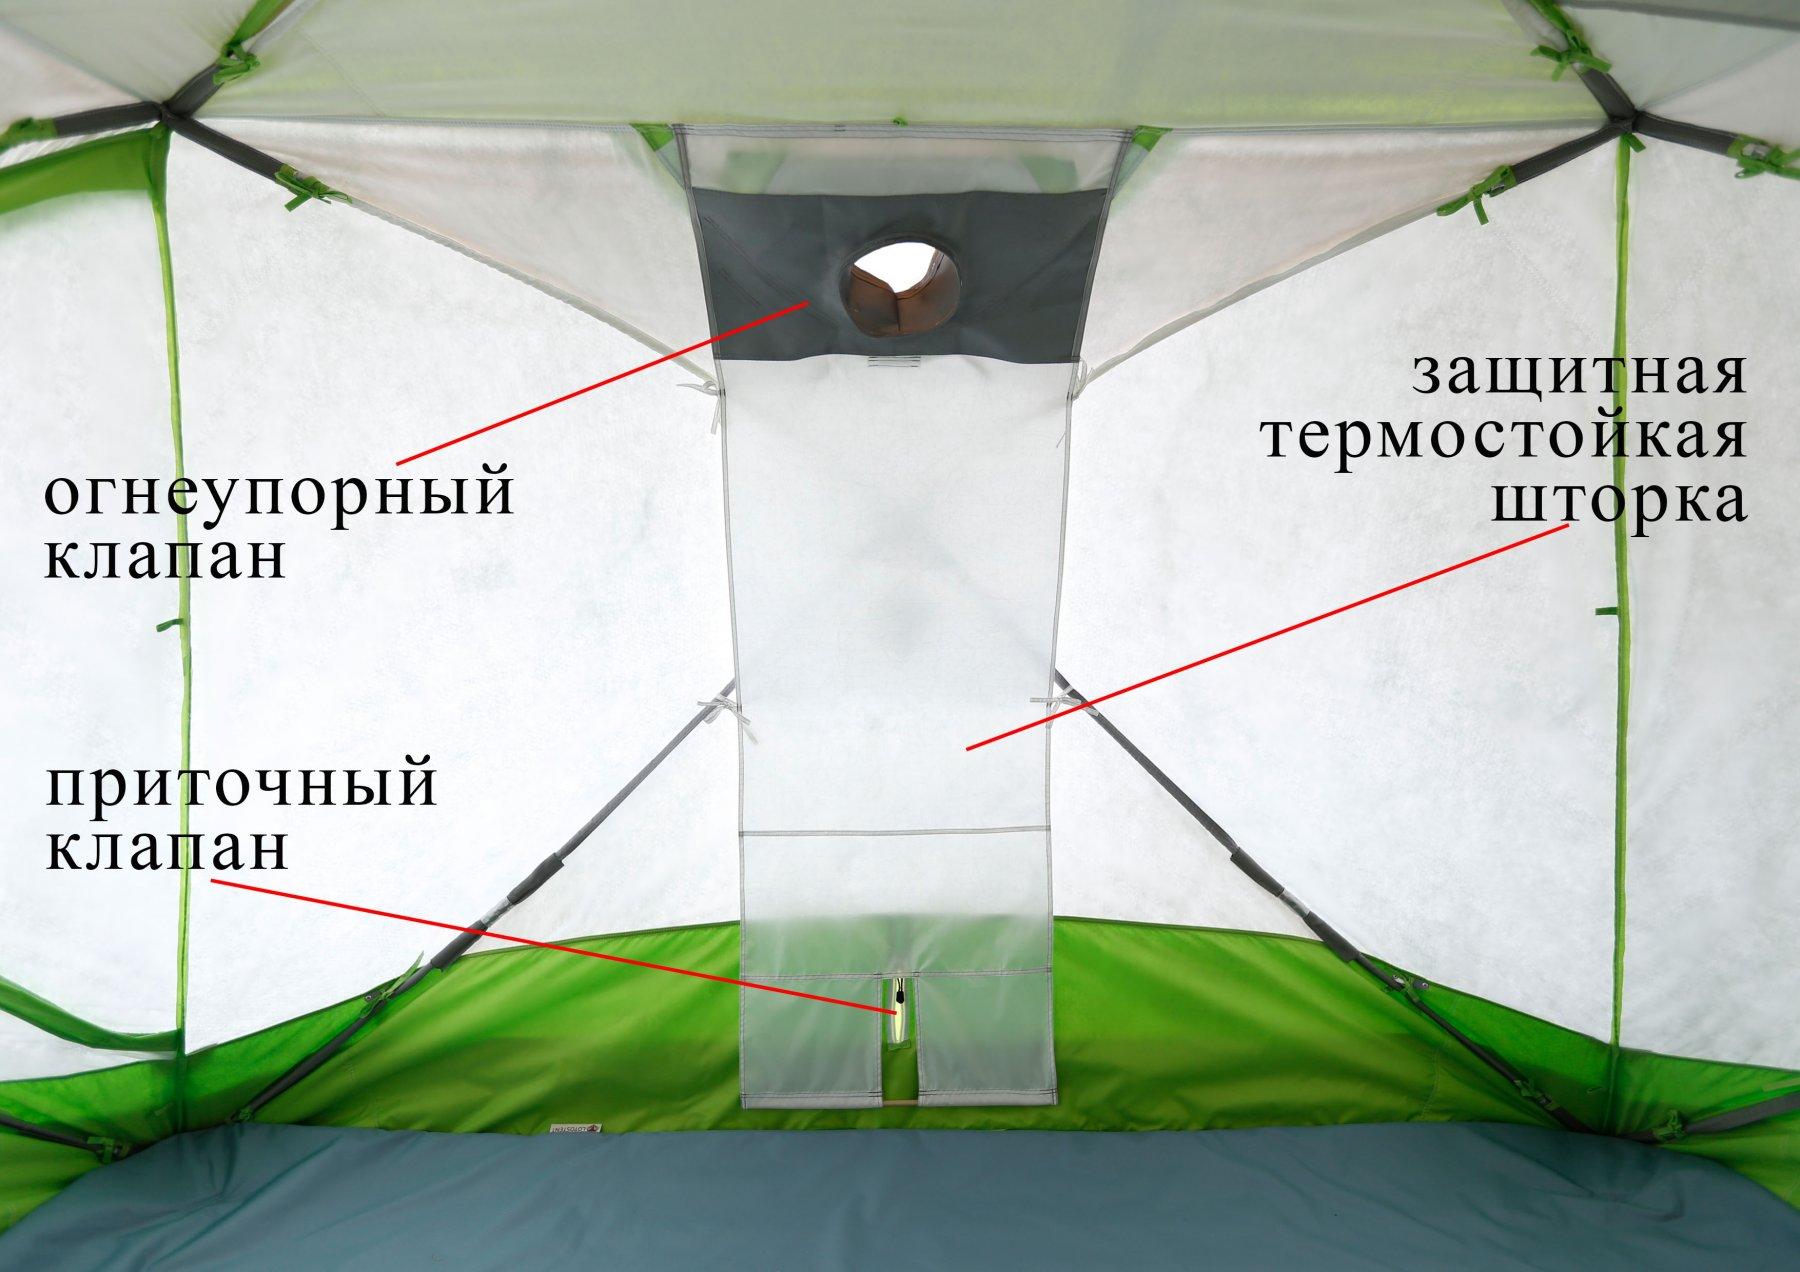 Клапан огнеупорный для палаток серии ЛОТОС Куб (кремнезем 1000°С)